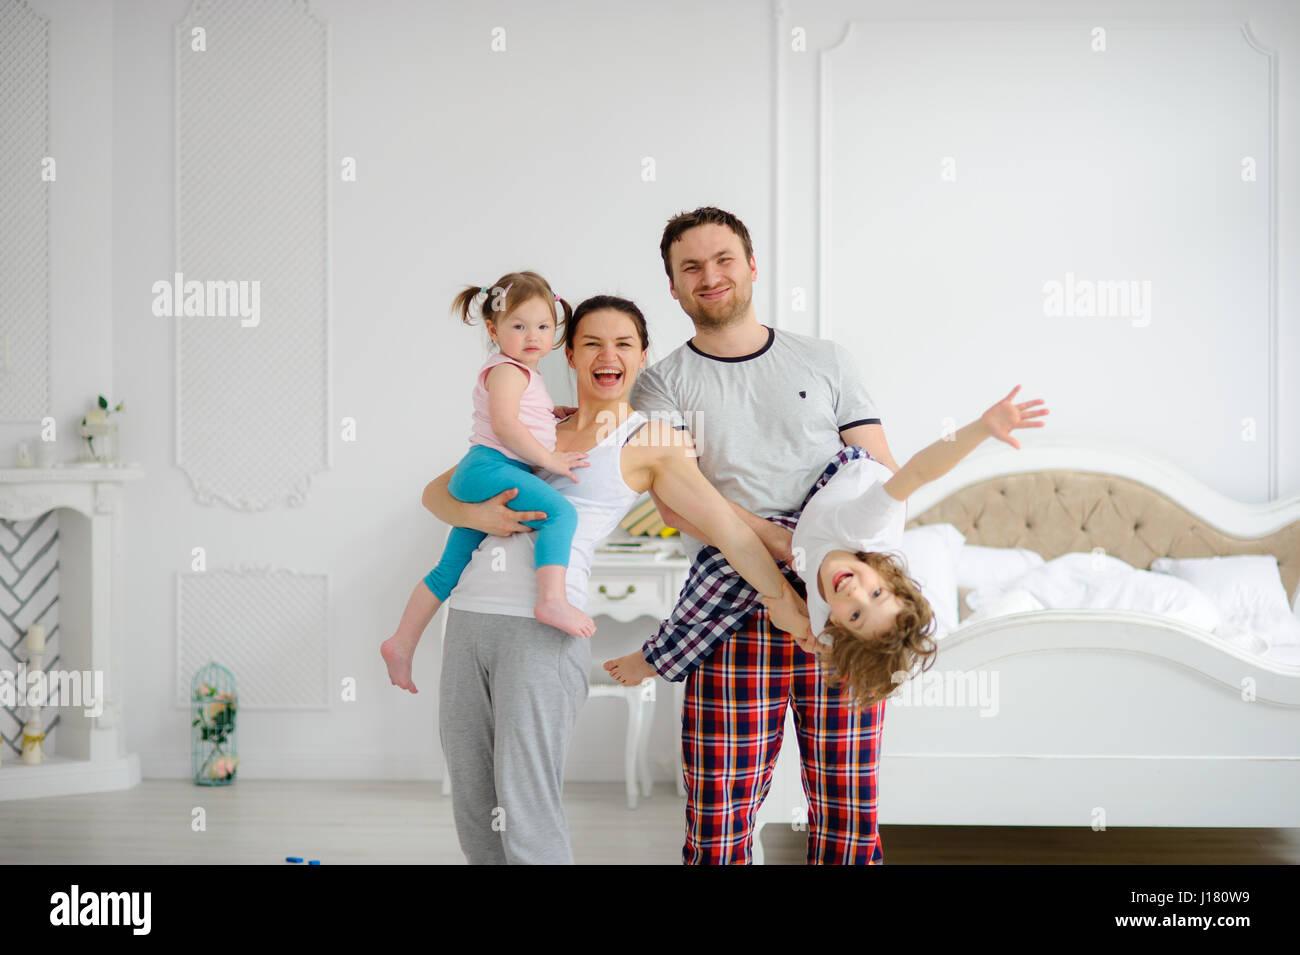 Allegro inizio di giornata in una famiglia felice. Accogliente camera da letto. I giovani genitori tenere sulle Immagini Stock